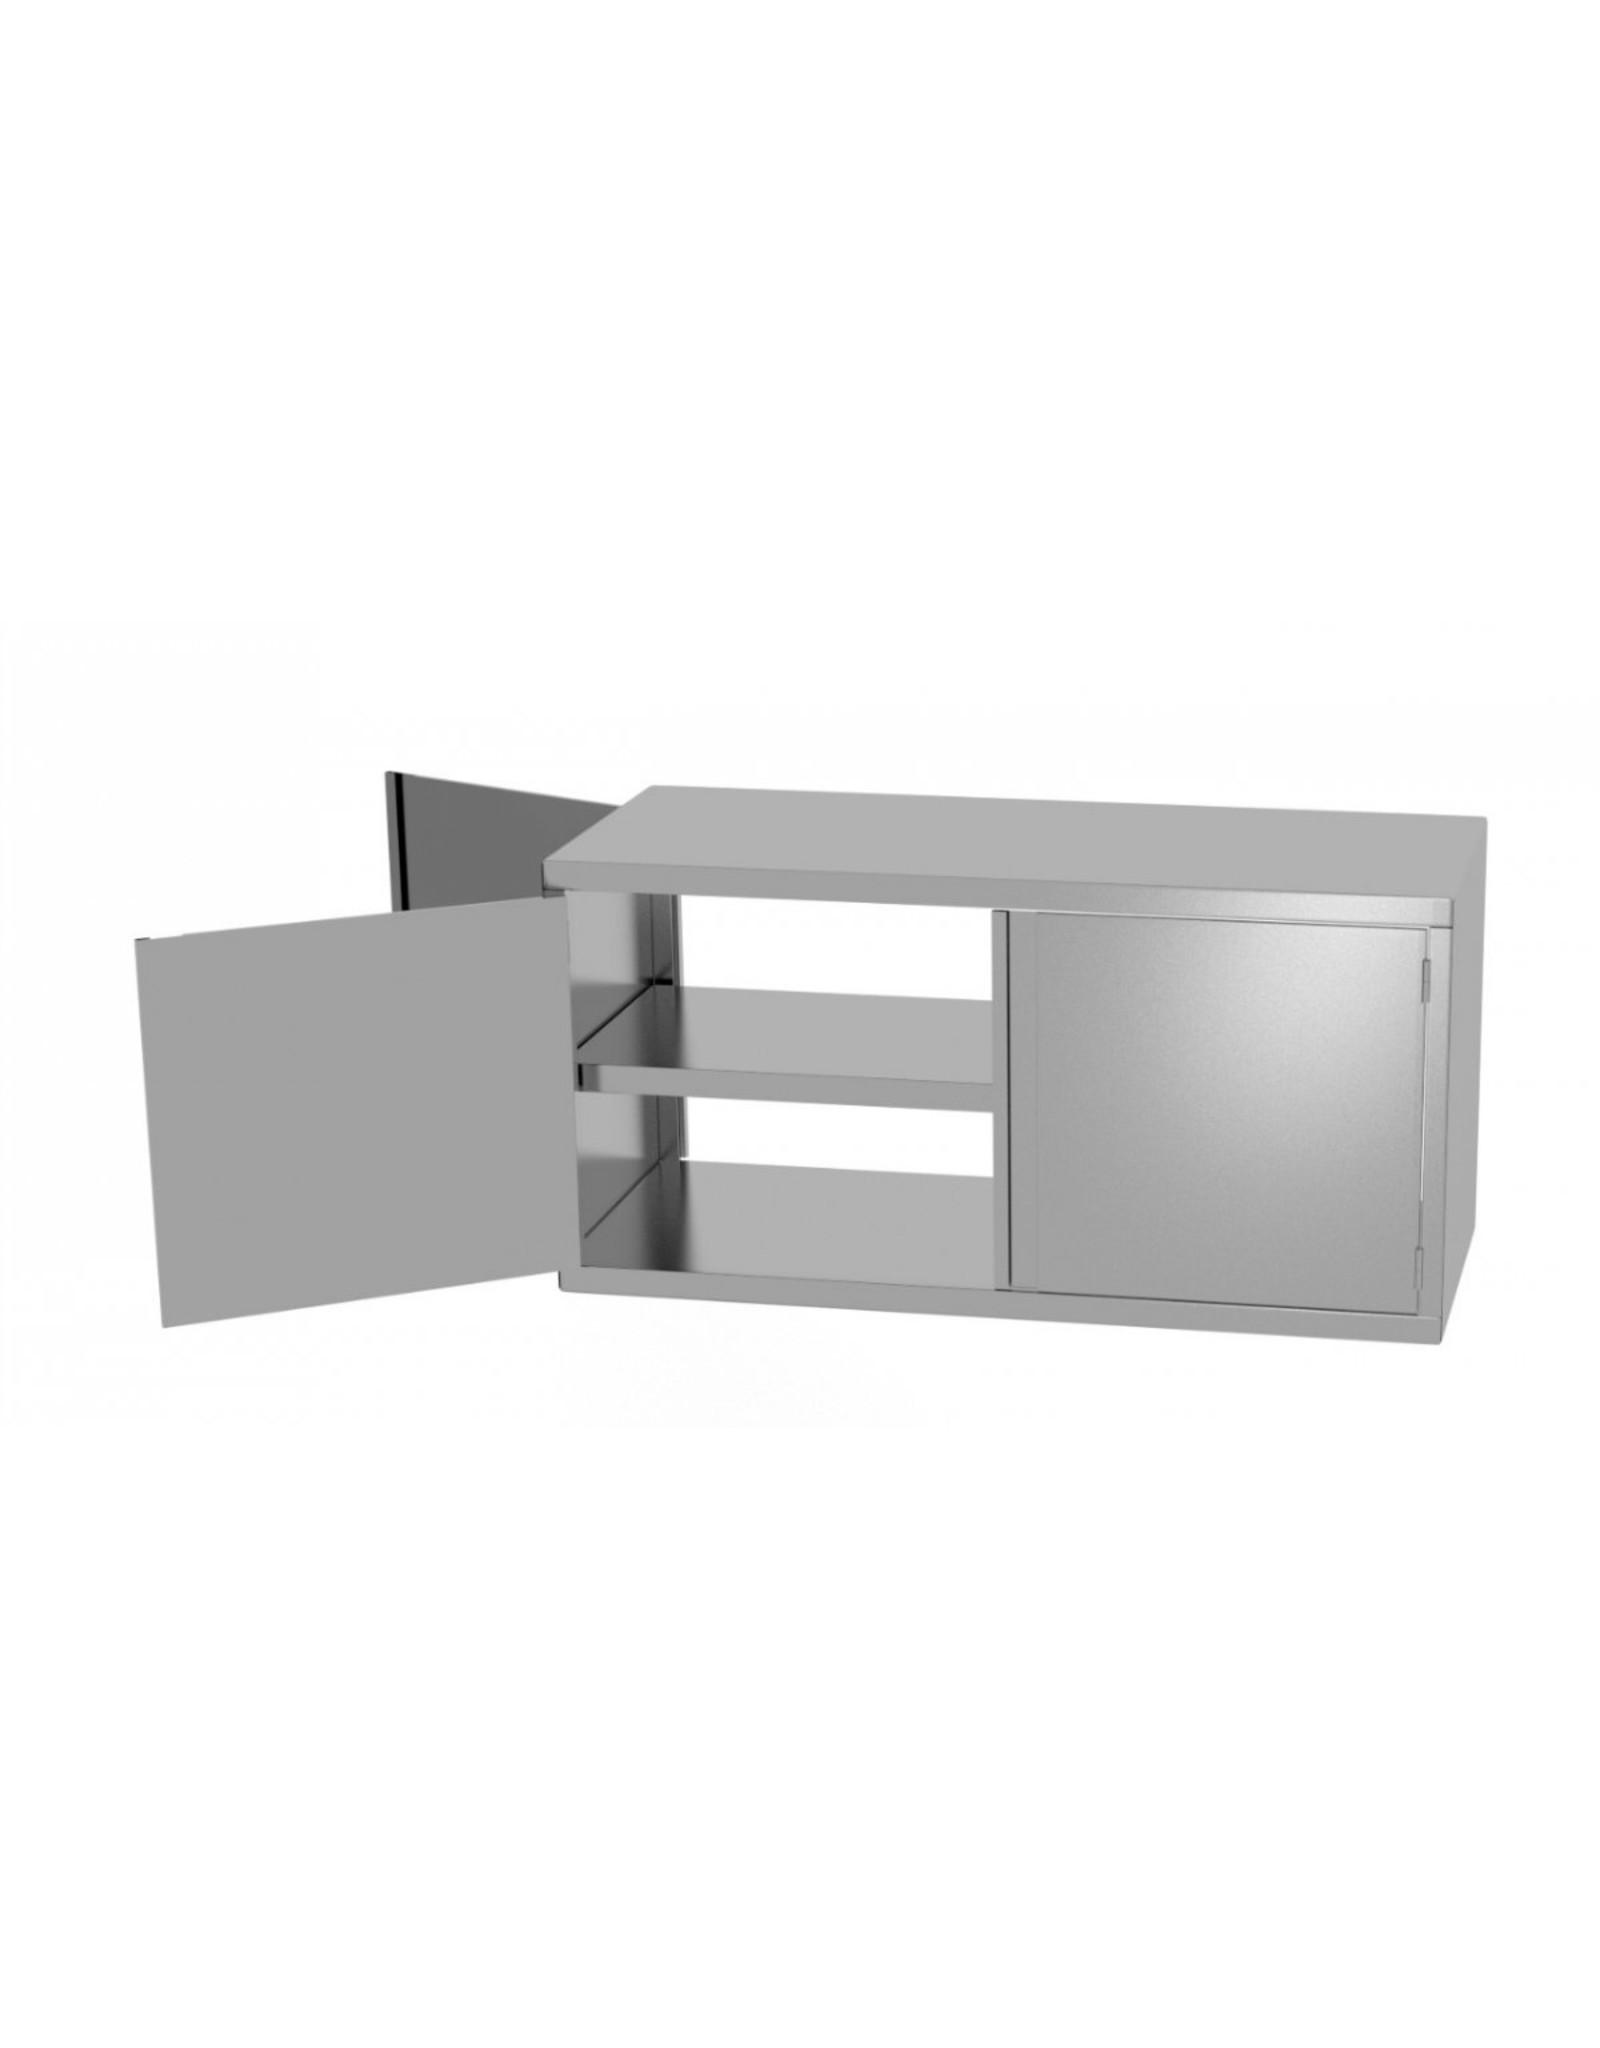 Wandkast pass-through | met 2 klapdeuren | 700-1300mm breed | 300 of 400mm diep | 600mm hoog